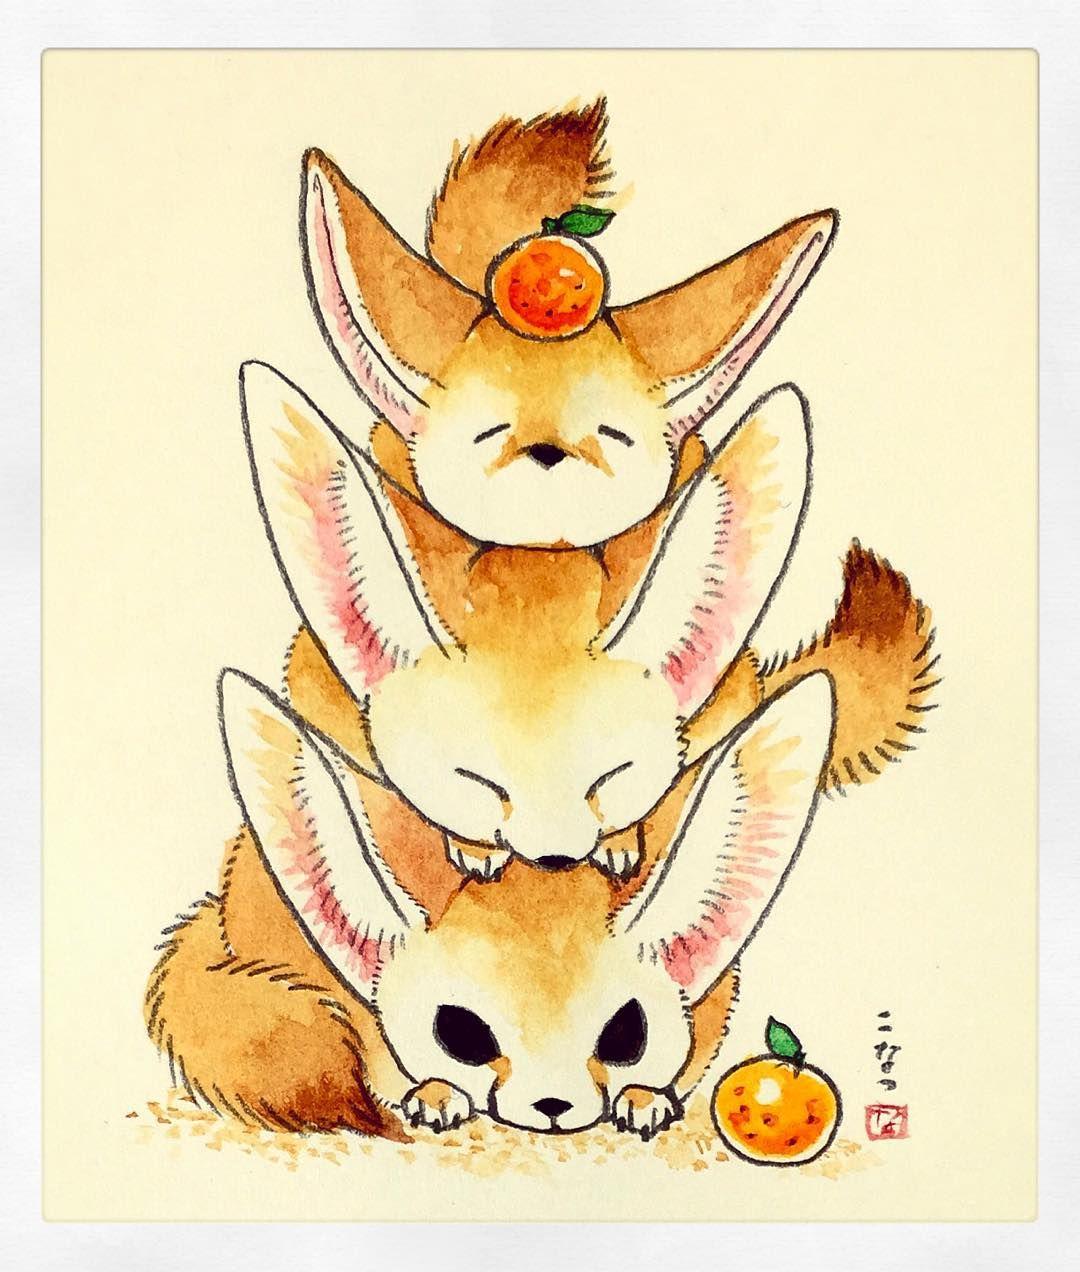 鏡フェネック かわいいイラスト イラスト 可愛い 動物